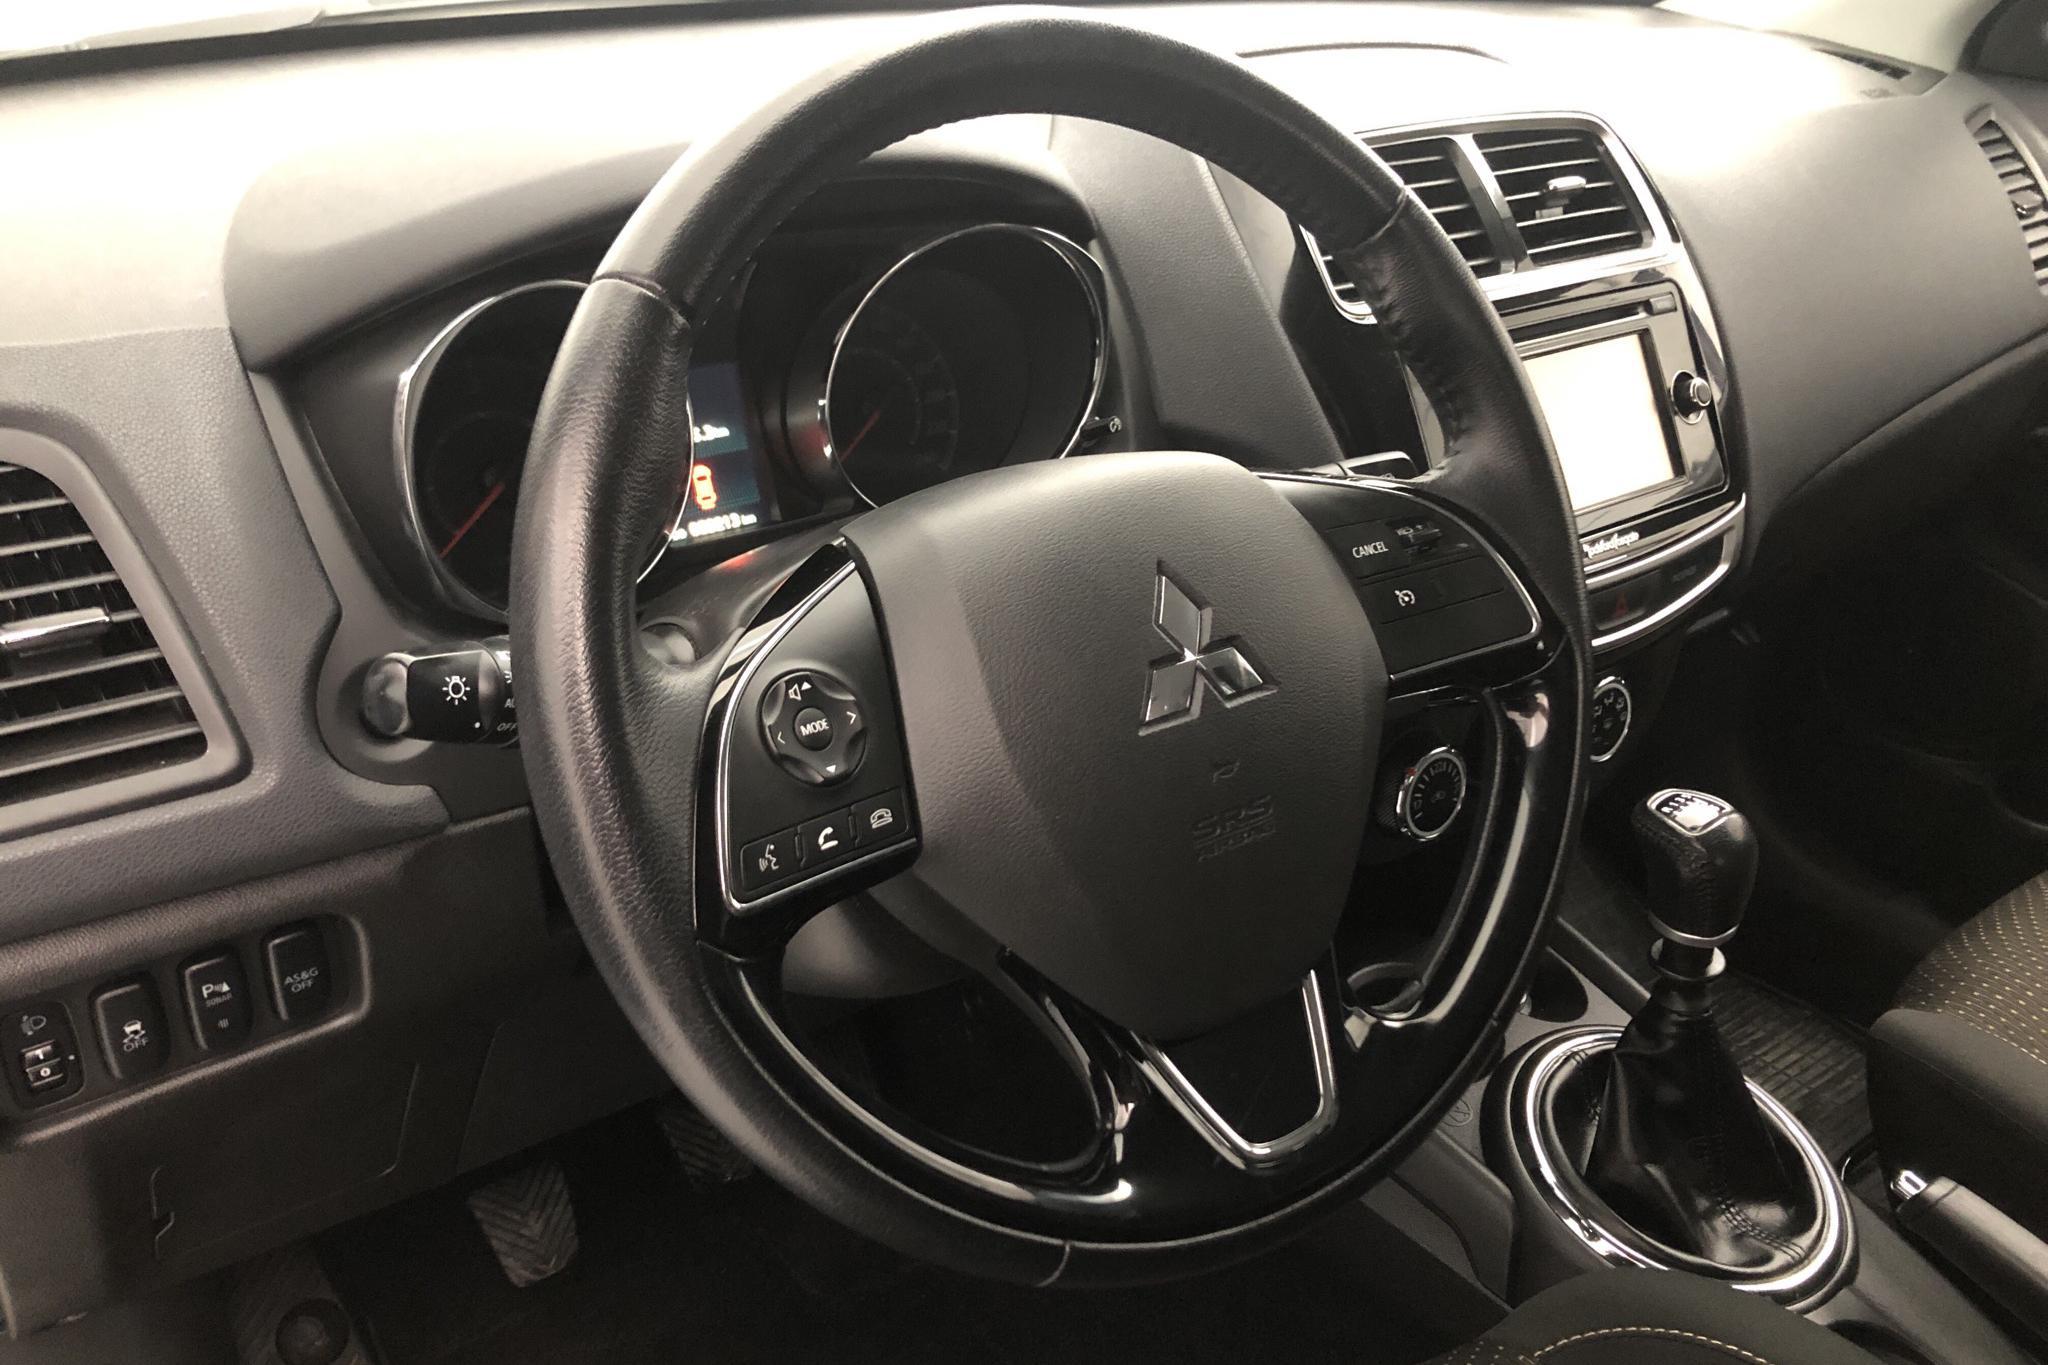 Mitsubishi ASX 1.6D 2WD (114hk) - 69 210 km - Manual - white - 2016